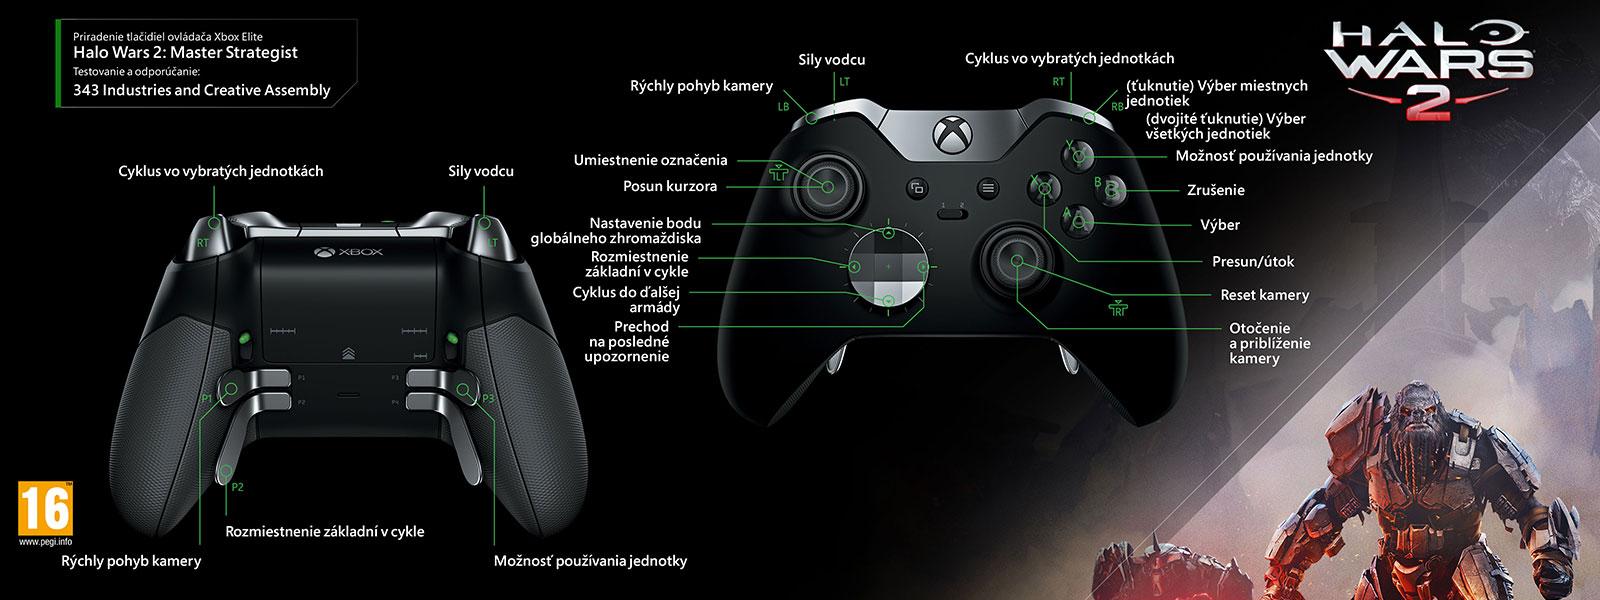 Vylepšenie strategických možností v hre Halo Wars 2